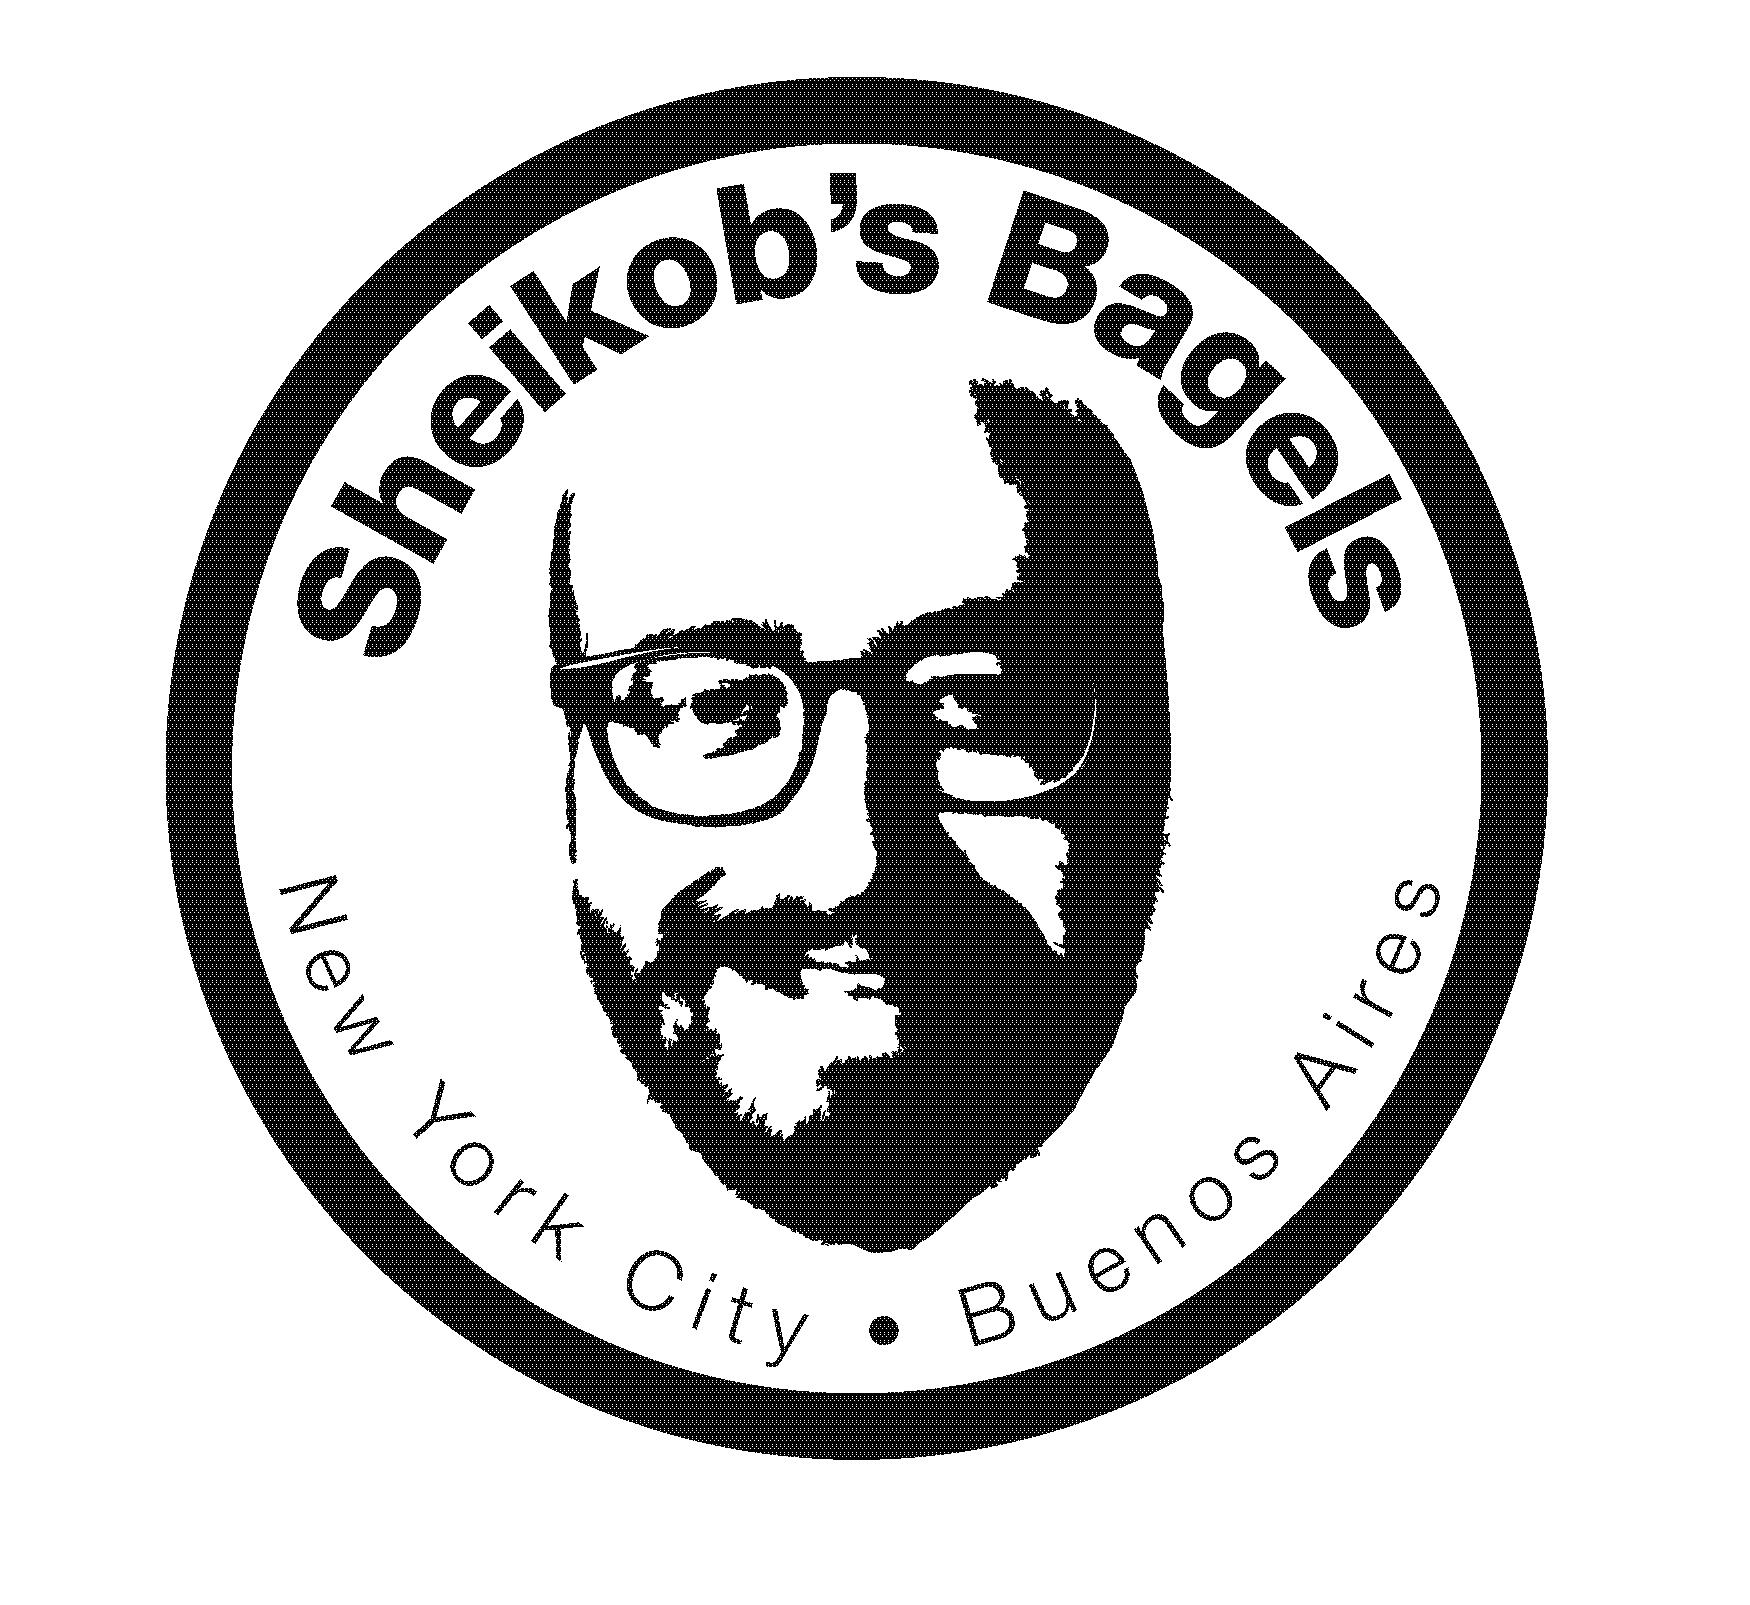 Sheikob's Bagels